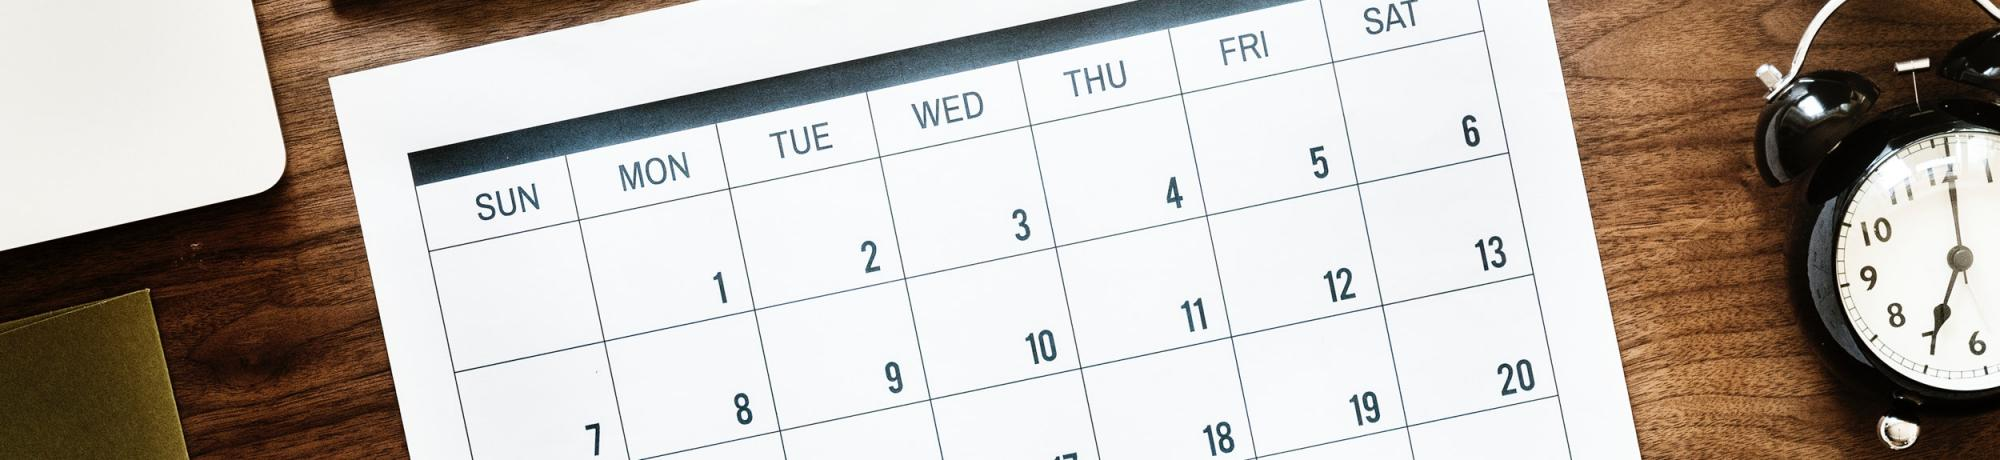 Fall 2020 Student Health Insurance Plan Ship Waiver Deadline Thursday September 10 2020 Dates Deadlines